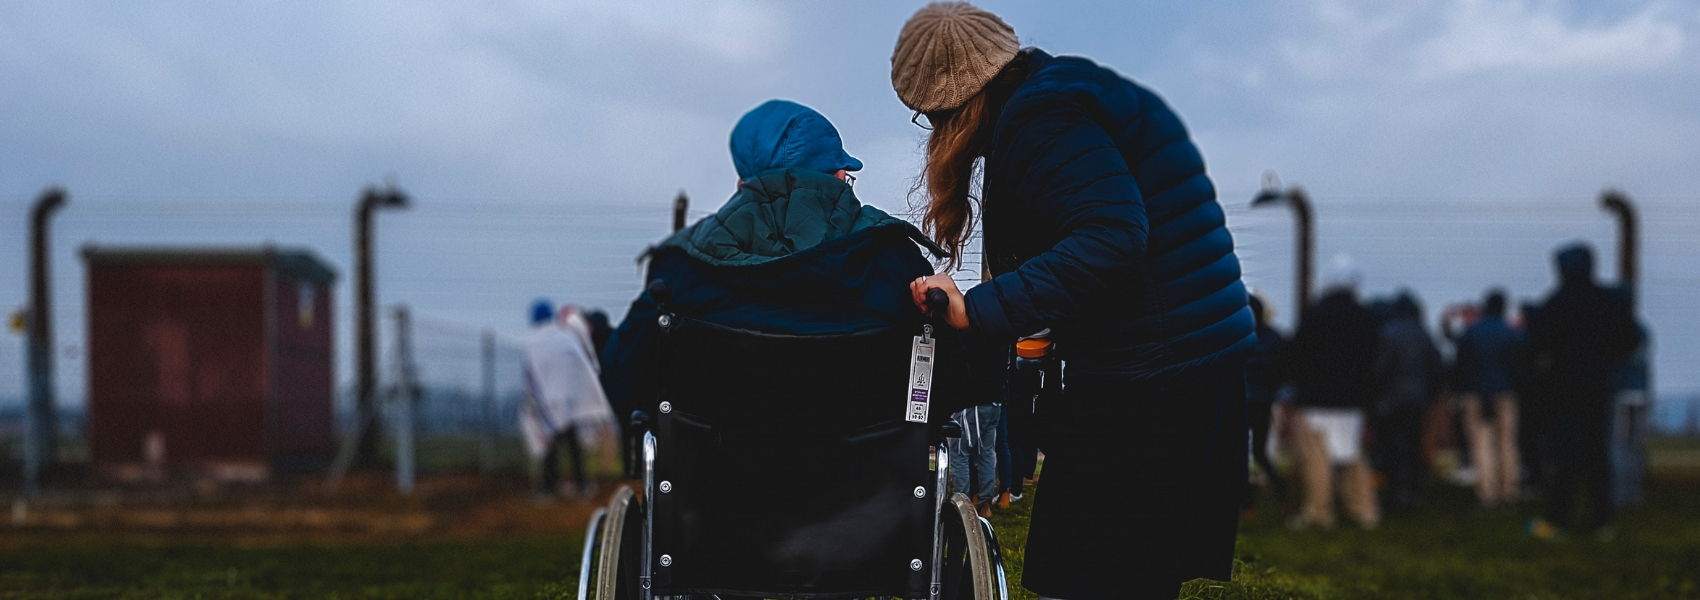 Plataforma quer ajudar cuidadores de doentes